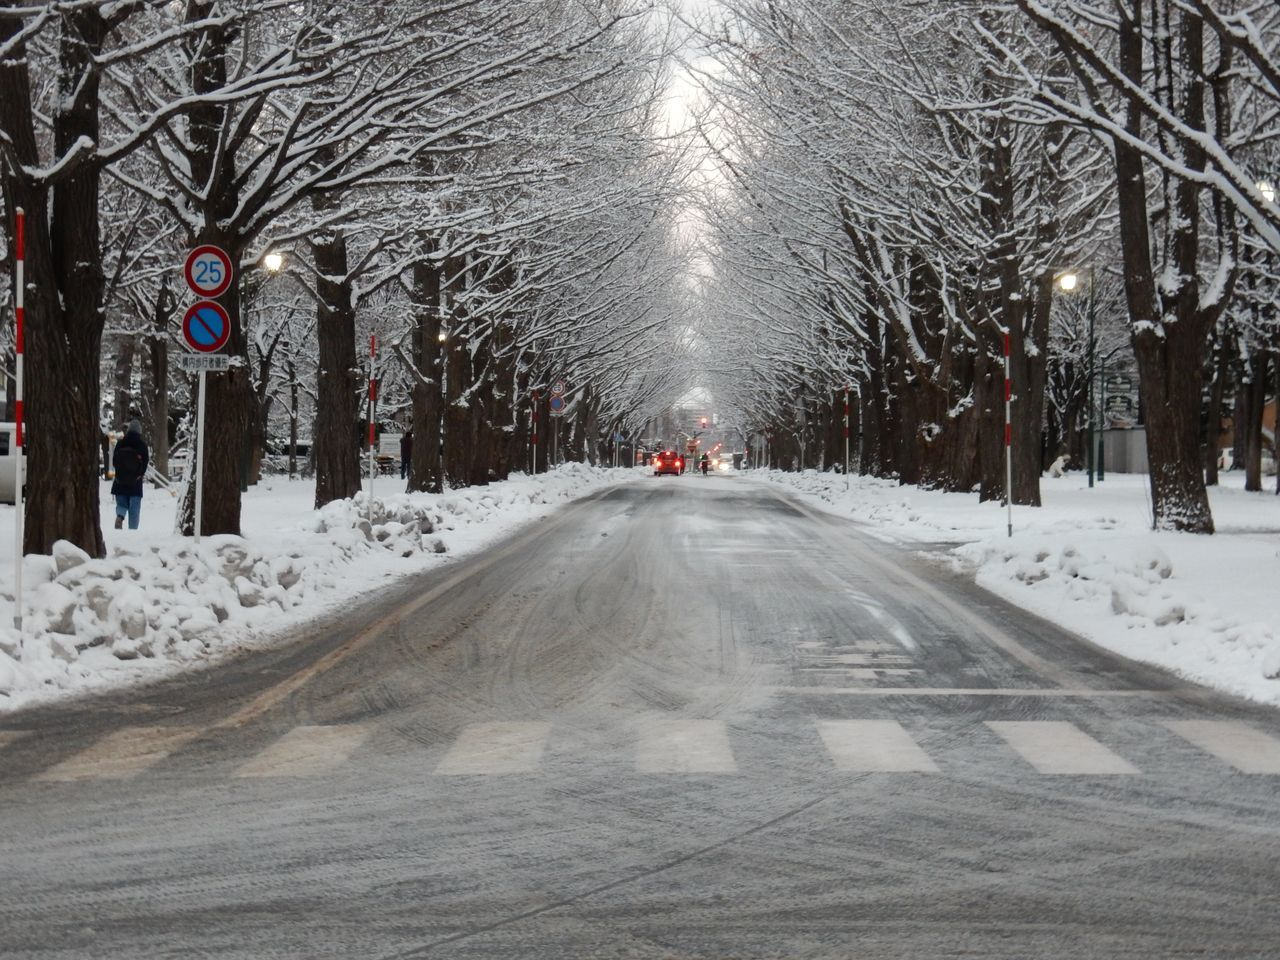 冬景色のキャンパス_c0025115_21442573.jpg